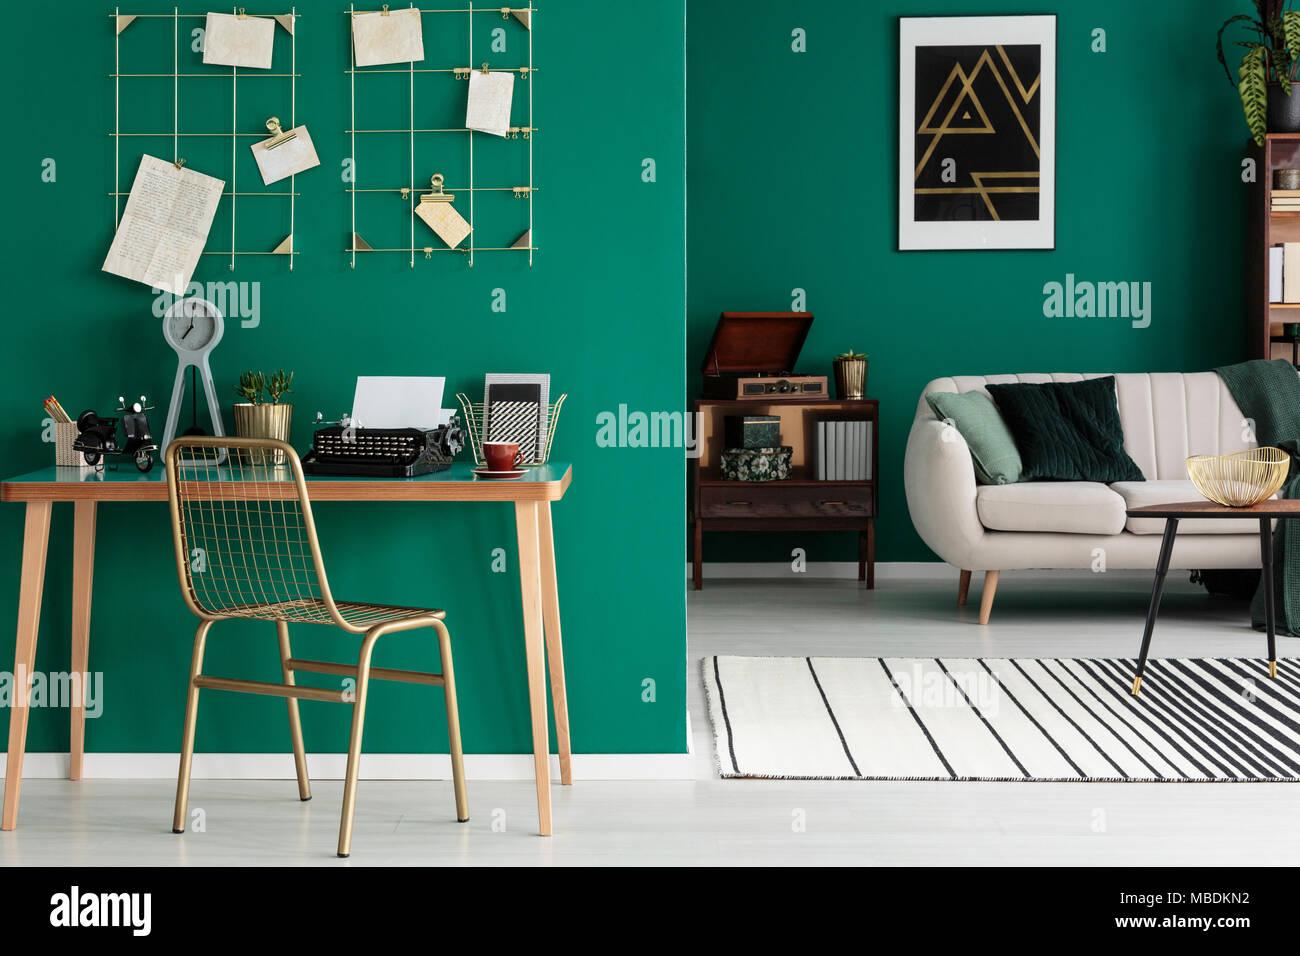 Oro, silla metálica por un mostrador de madera con reloj y máquina de escribir en el espacio abierto interior con alfombras y sofás brillante Imagen De Stock